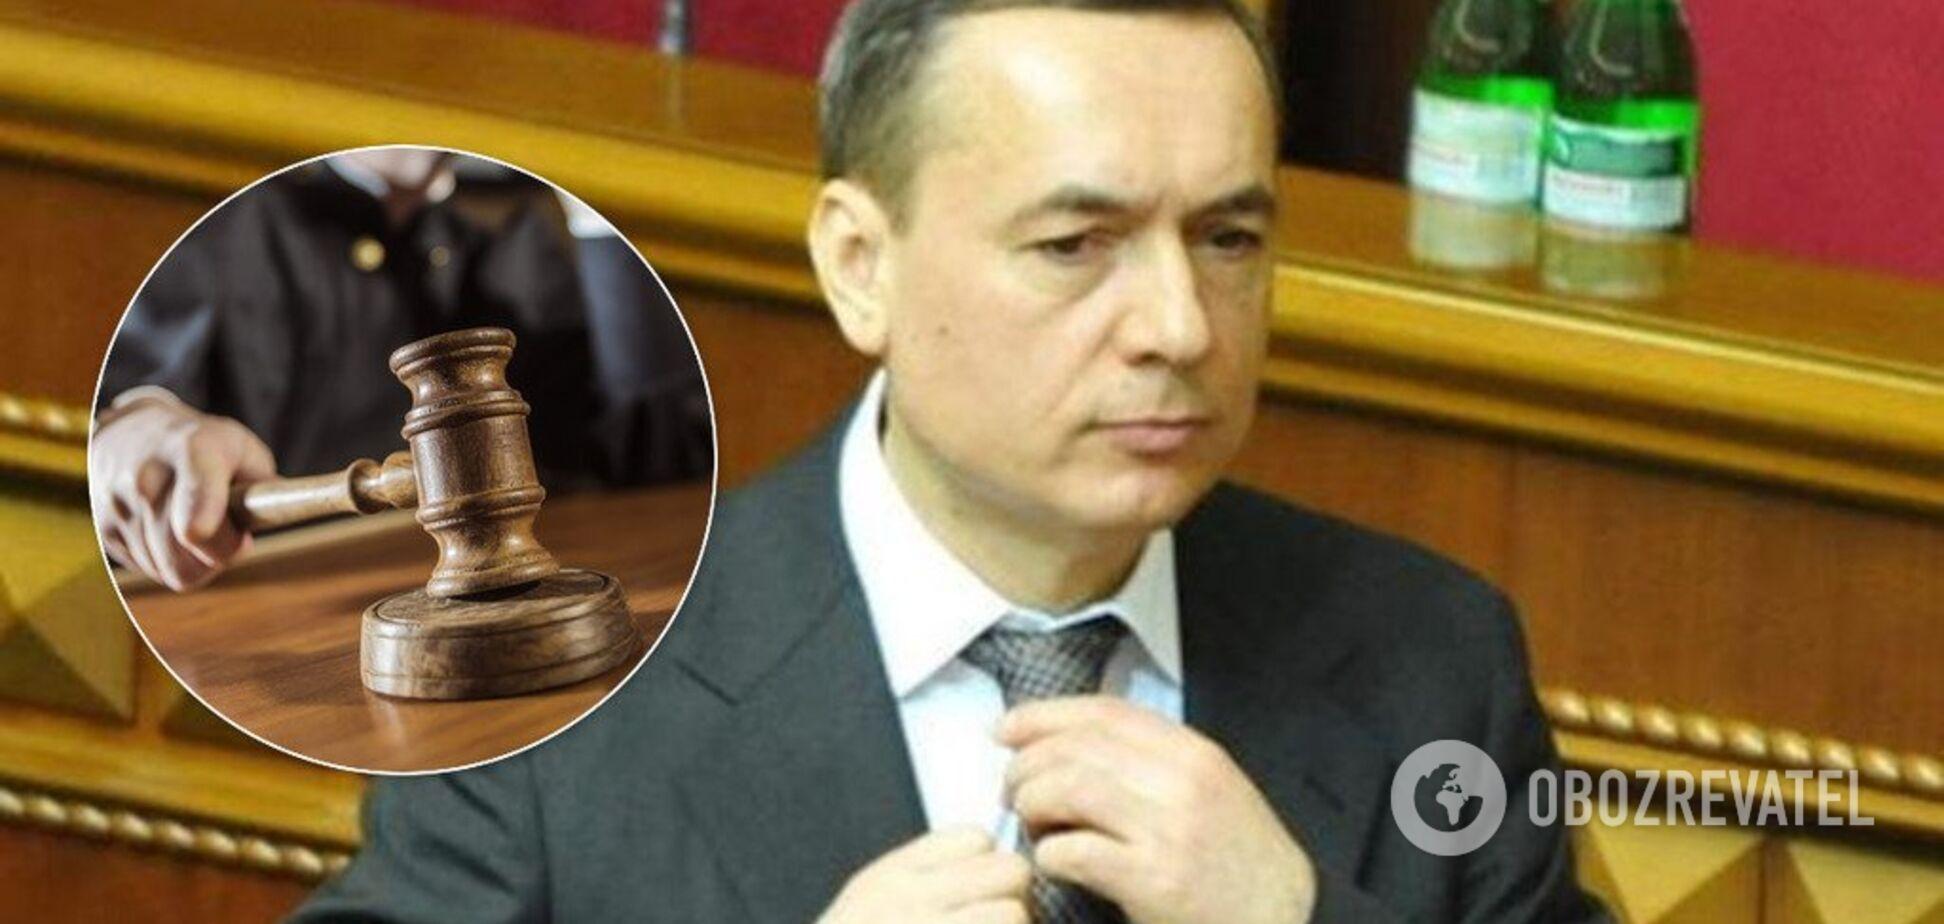 Екснардепа Мартиненка звинуватили у відмиванні 3 млн євро у Швейцарії